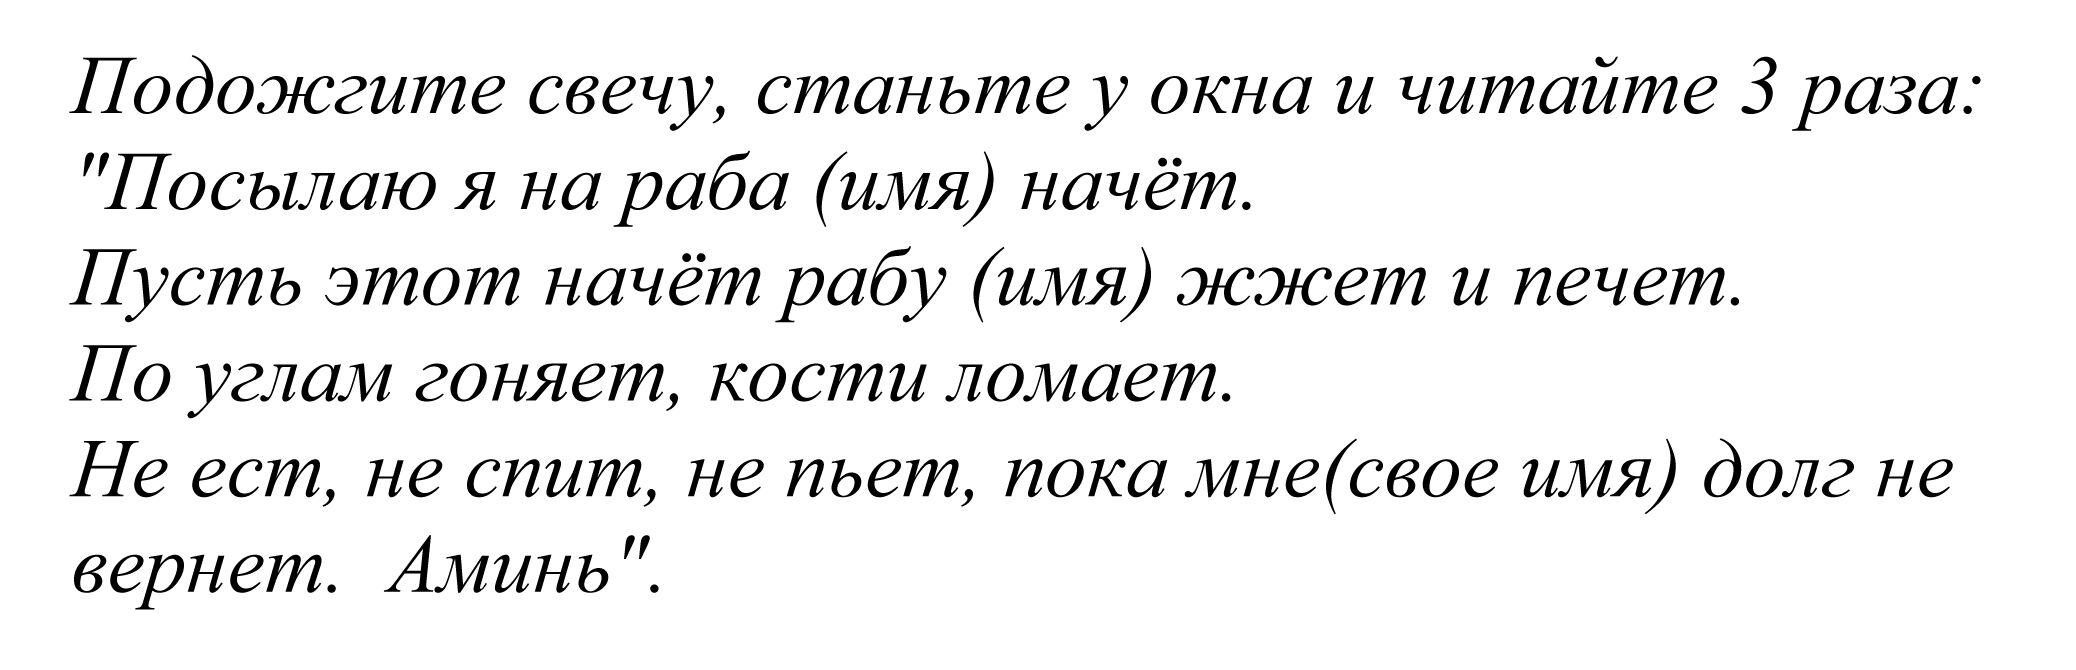 Stepanova